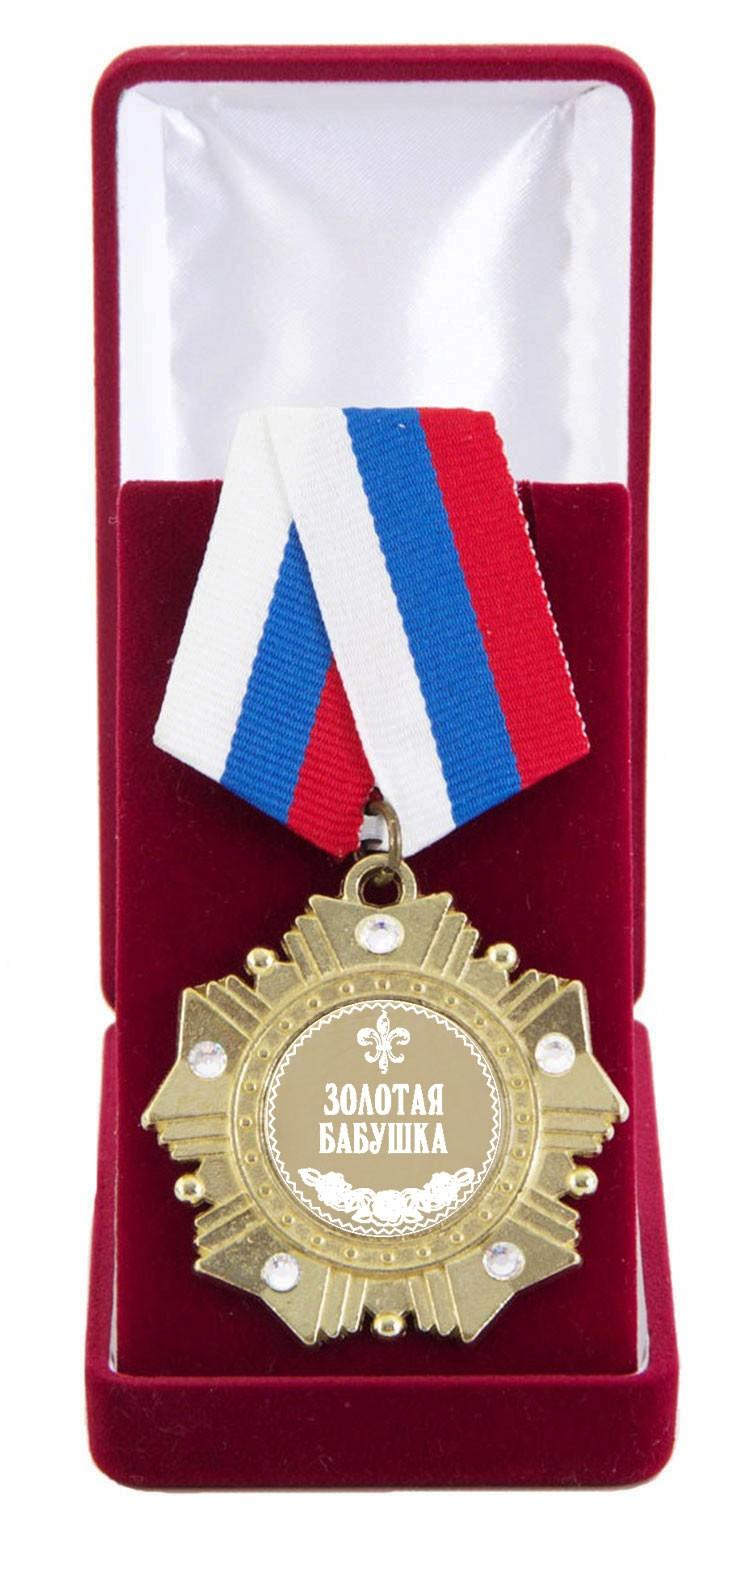 Подарочный орден Золотая бабушка (белые стразы)